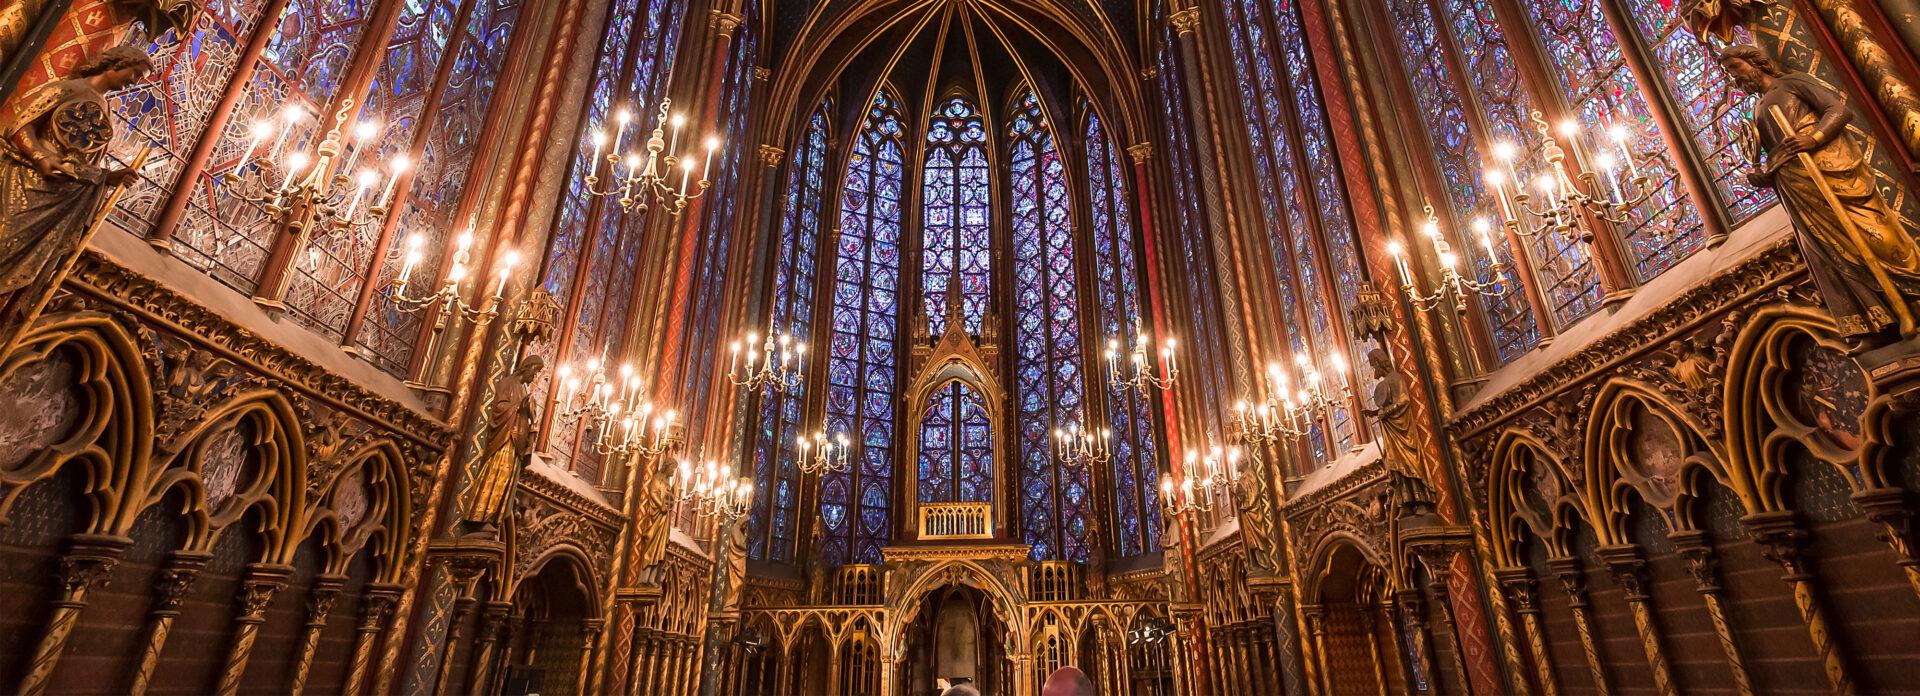 Sainte-Chapelle Paris utside kirke bygning